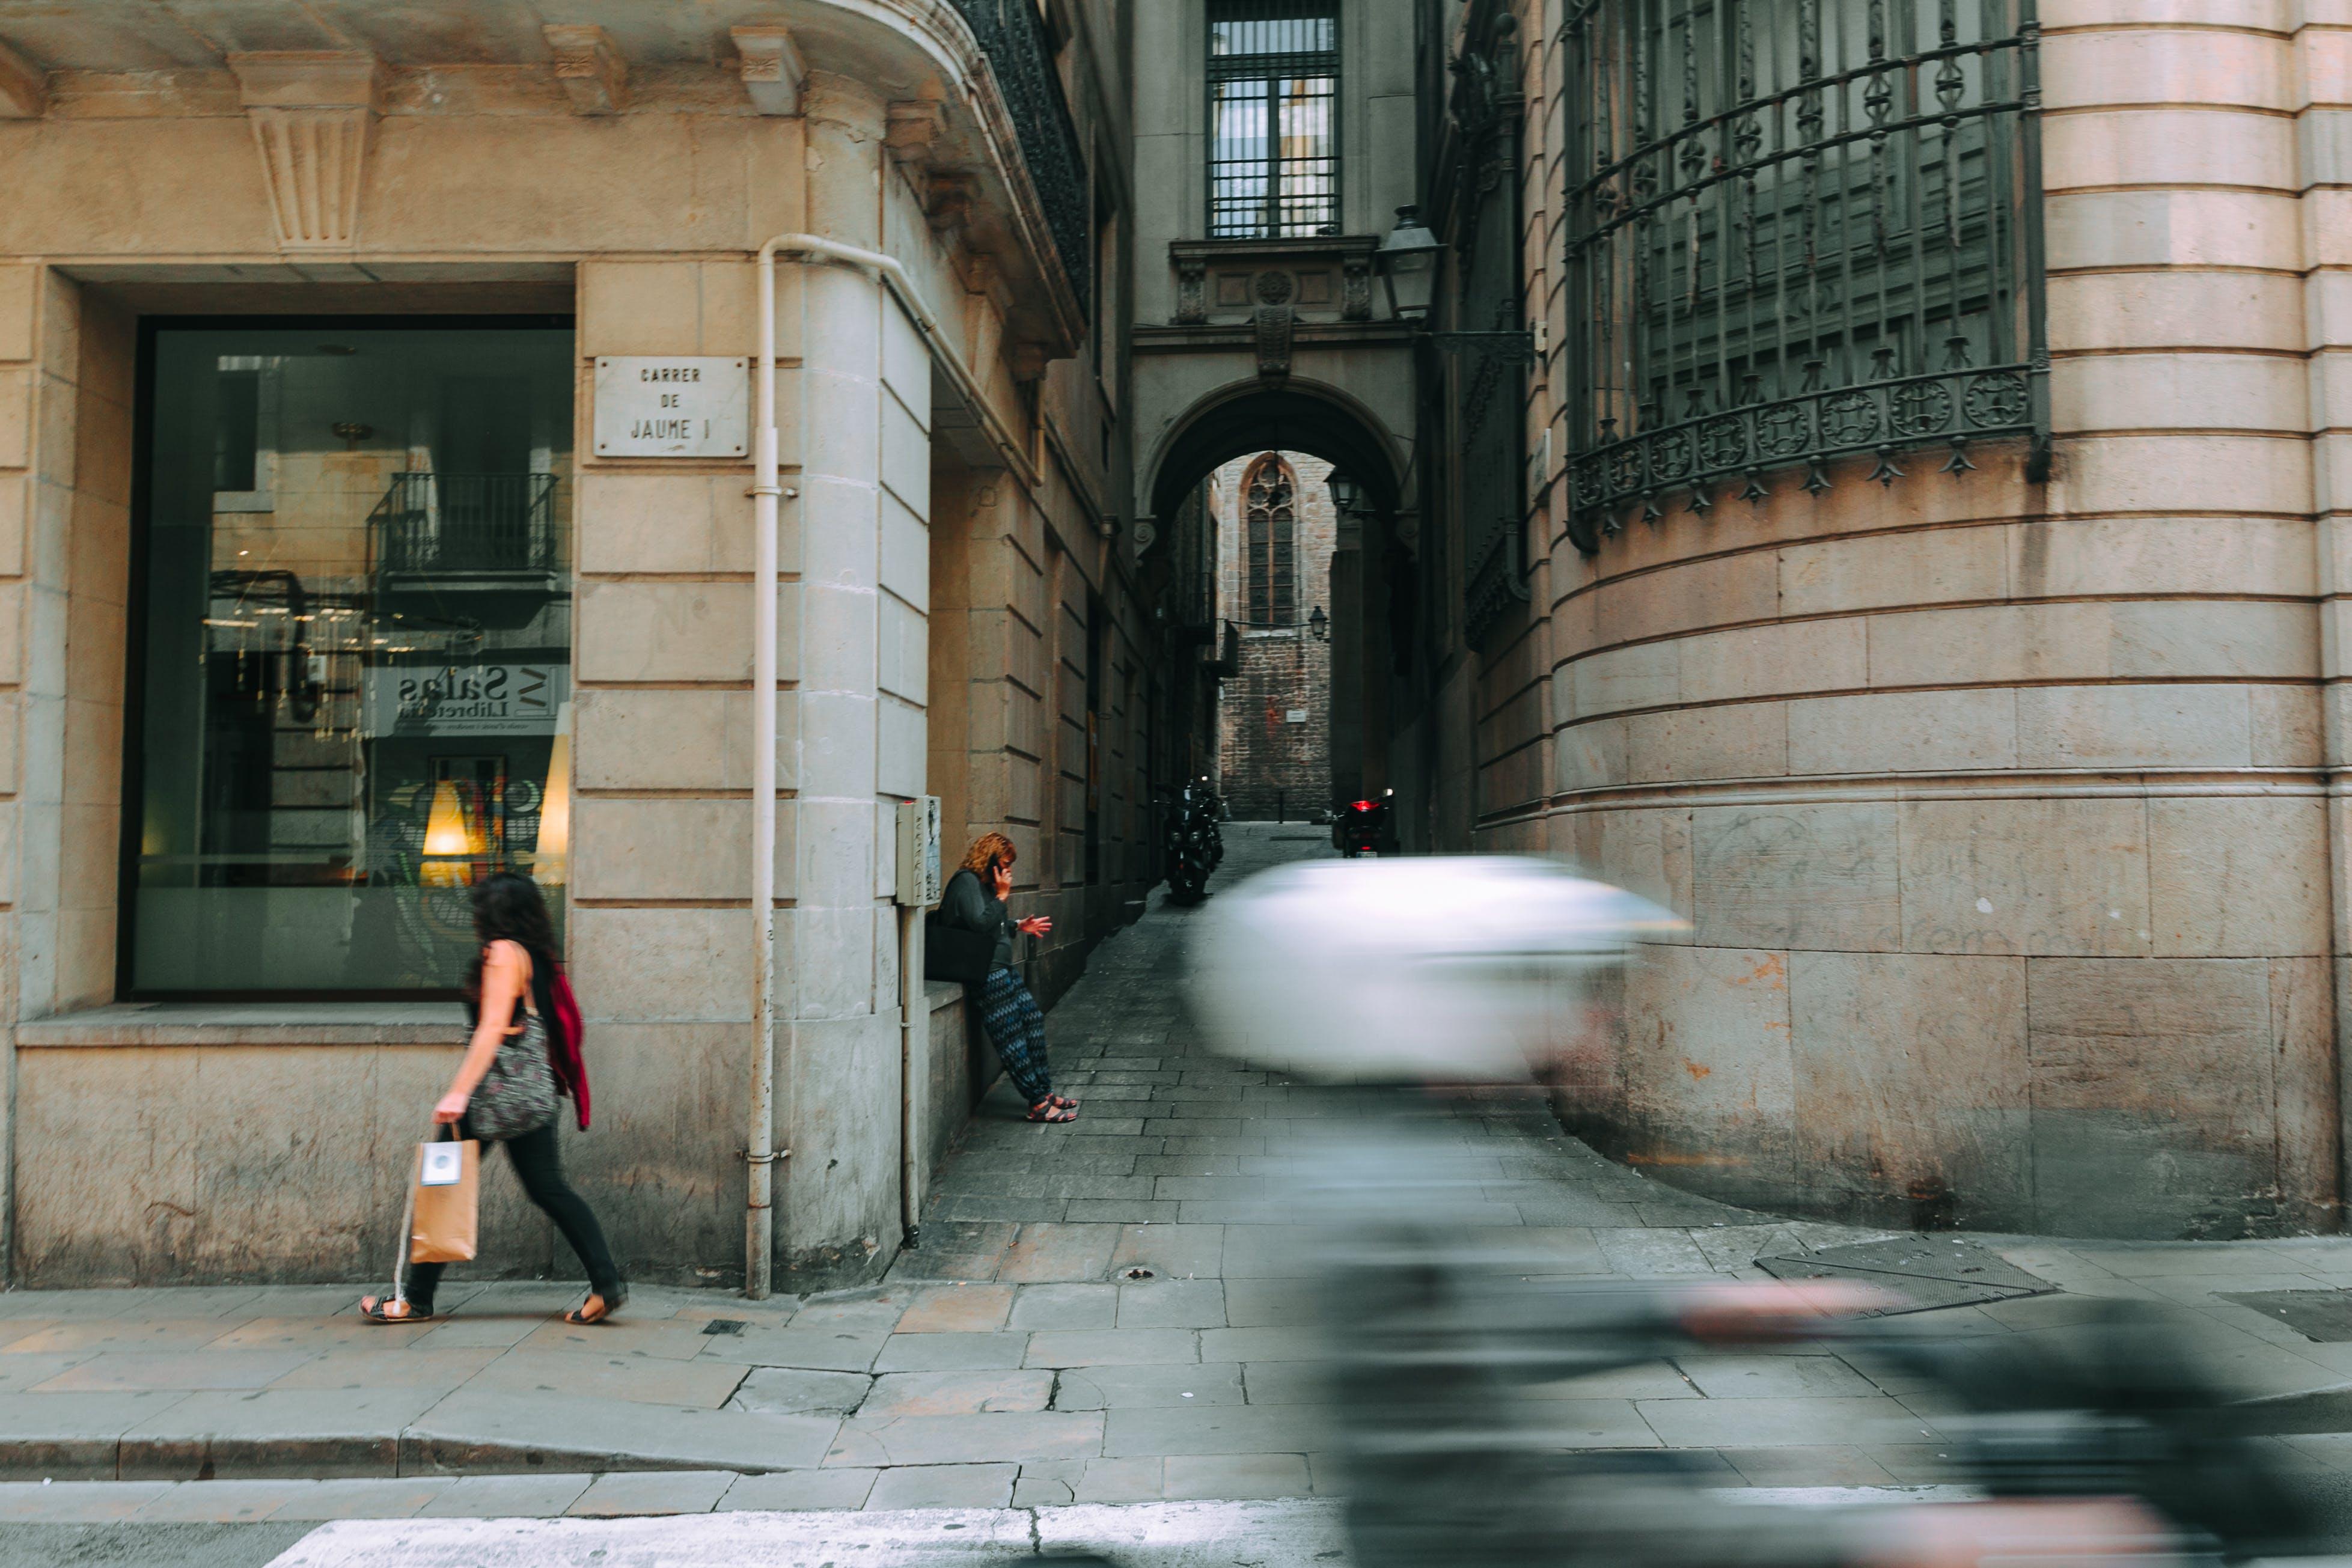 Woman in Black Walking Near Glass Window